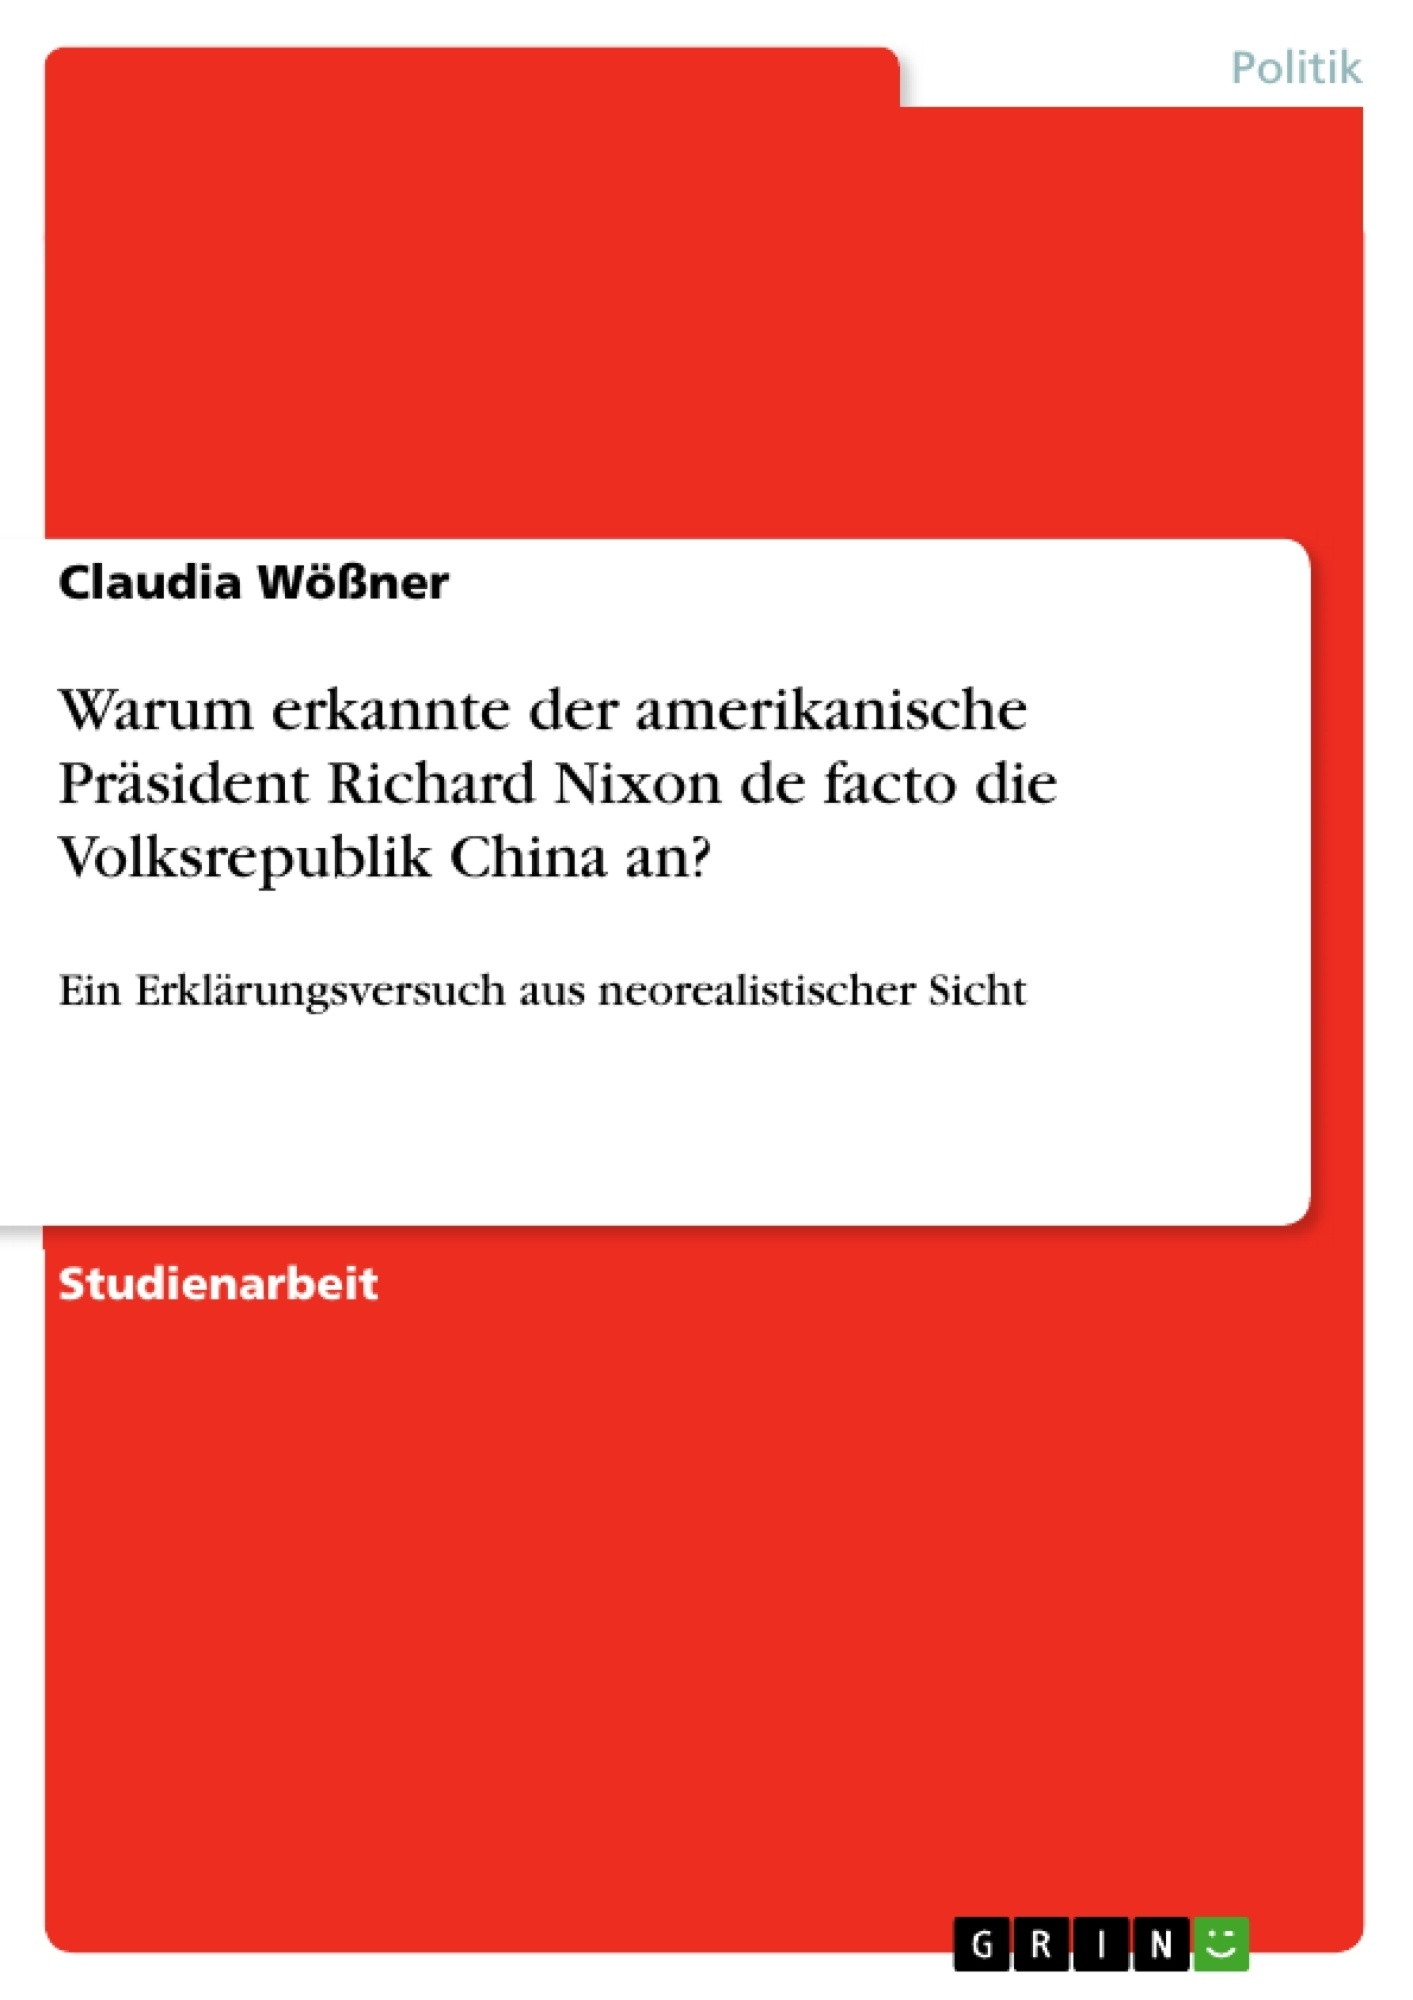 Titel: Warum erkannte der amerikanische Präsident Richard Nixon de facto die Volksrepublik China an?